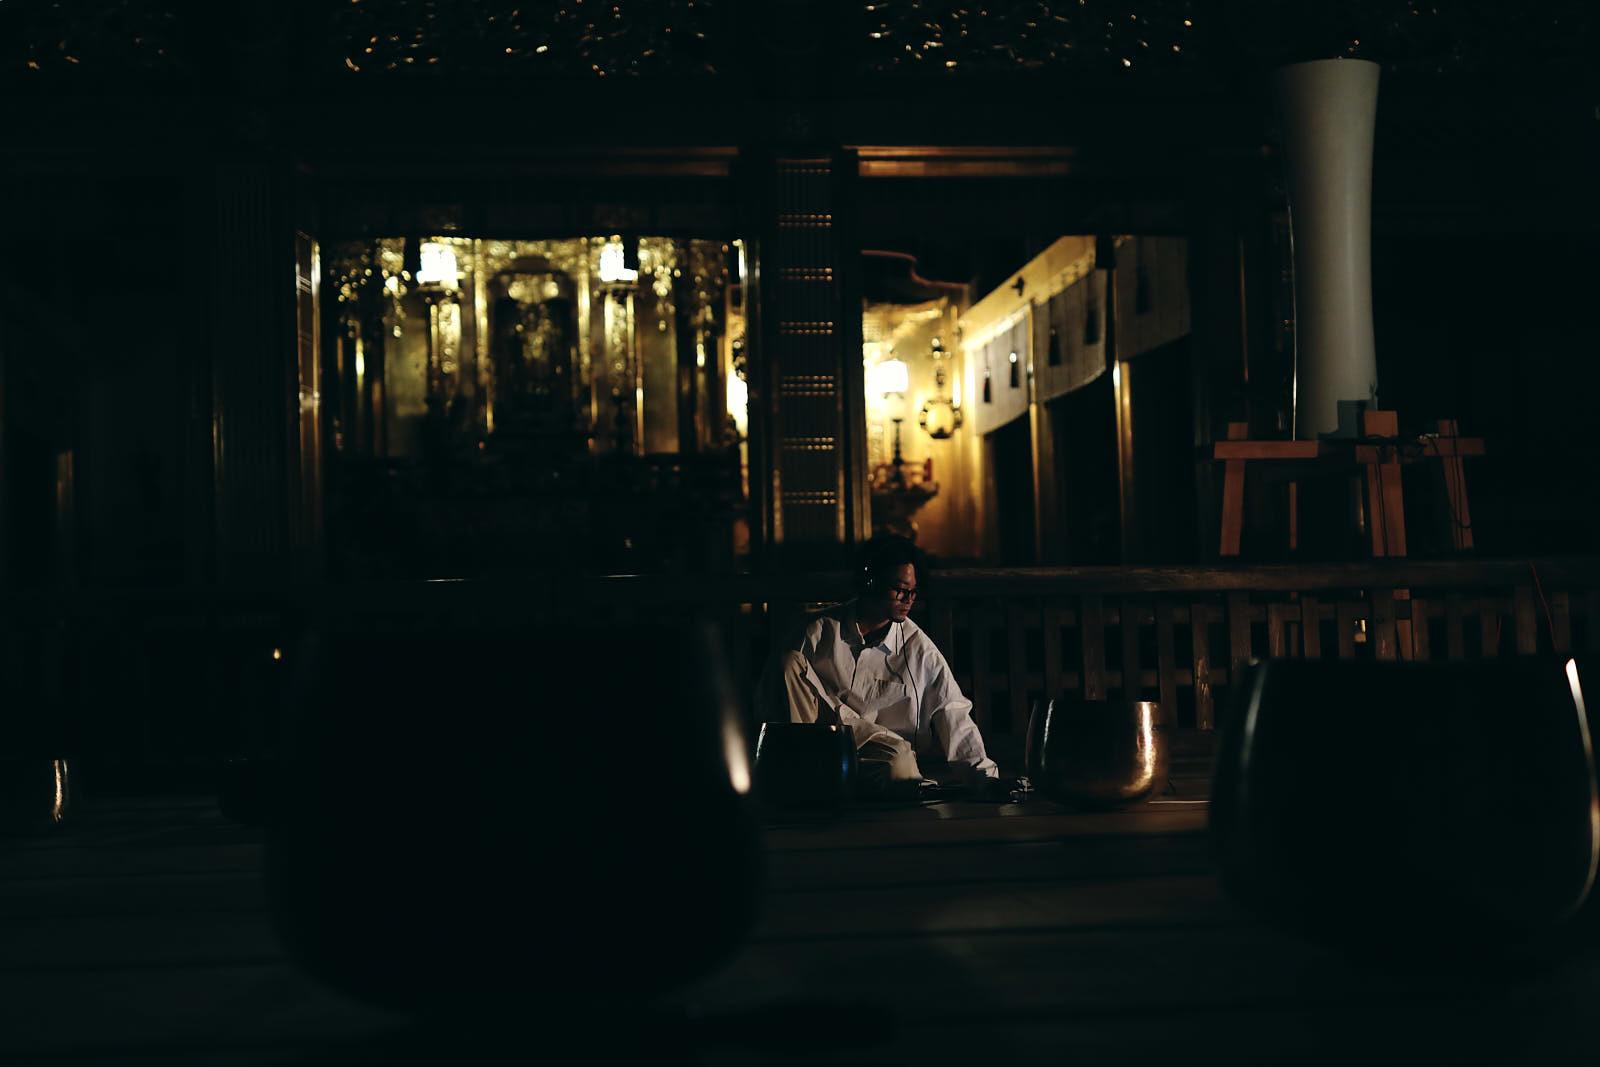 シマタニ昇龍工房×未音(ひつじおと)制作所:おりんの奏でる音楽「Vague(ヴァーグ)」